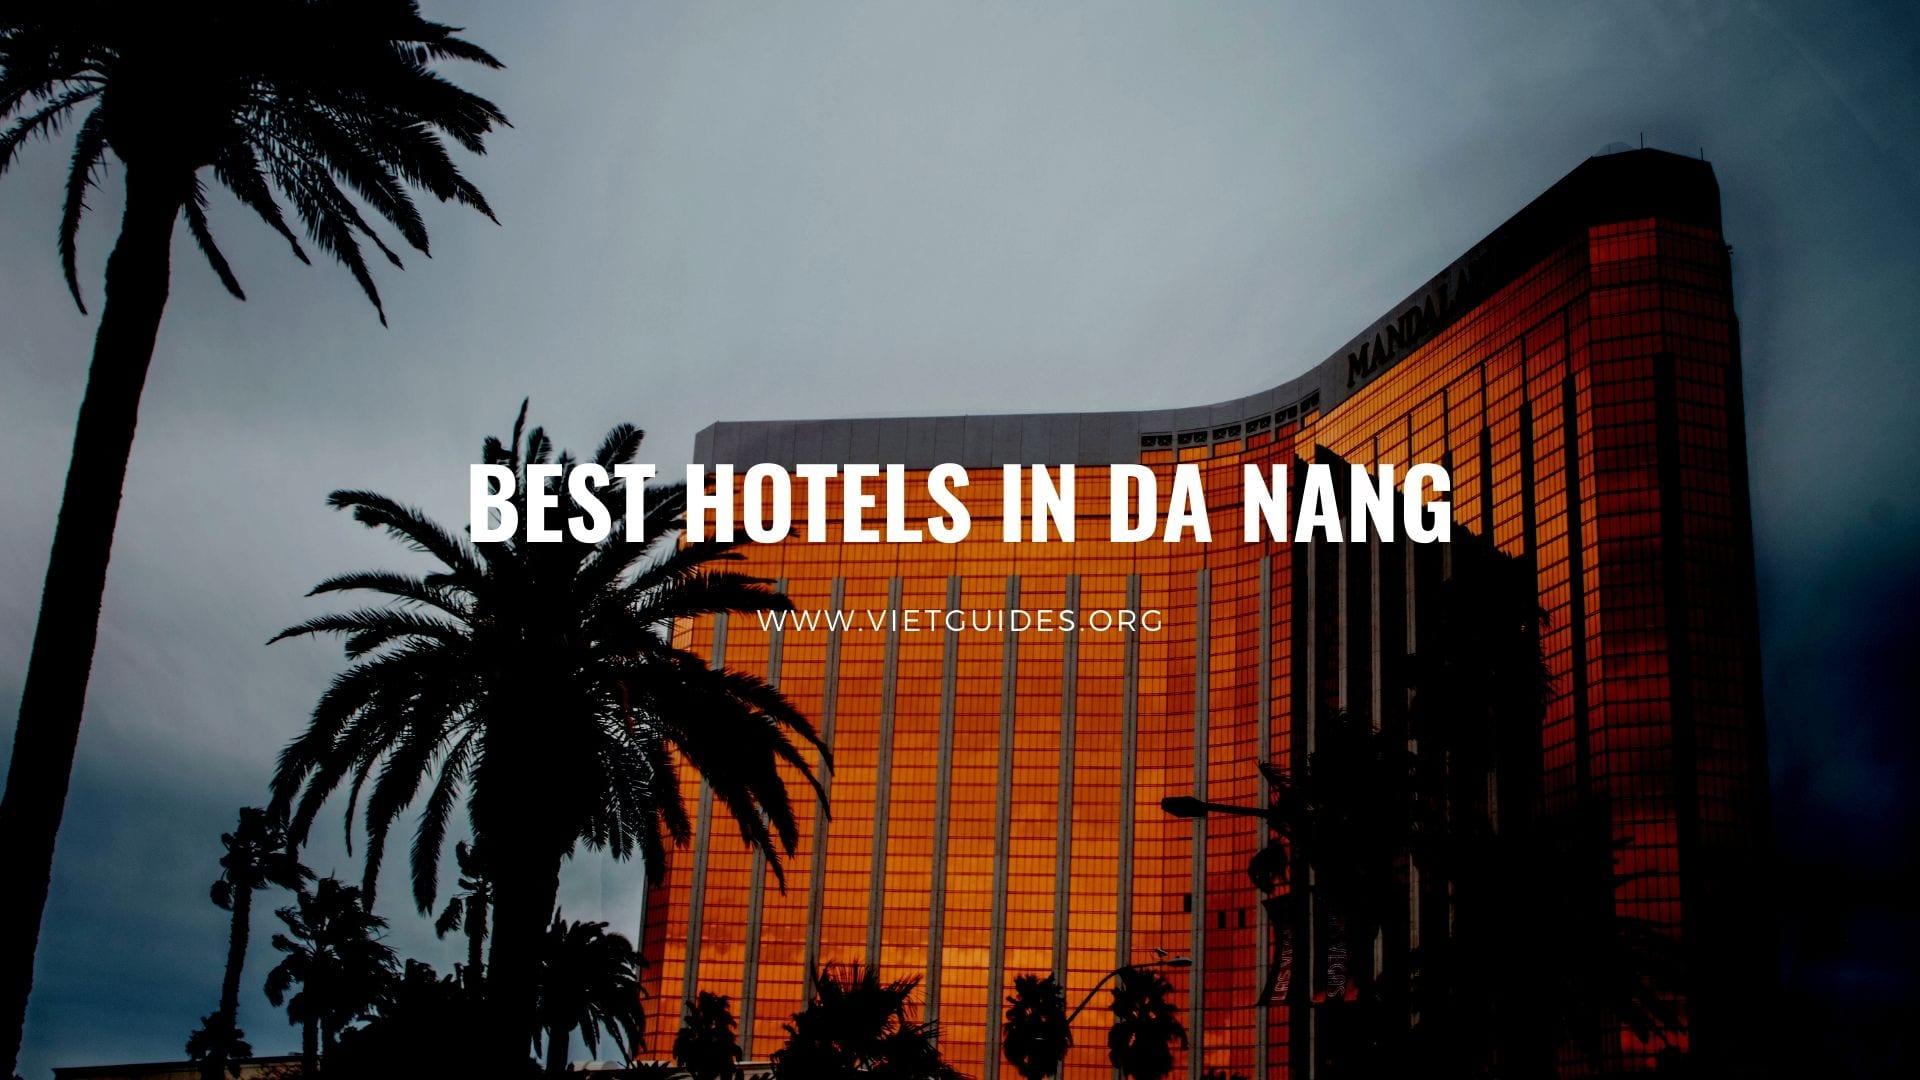 Best hotels in da nang